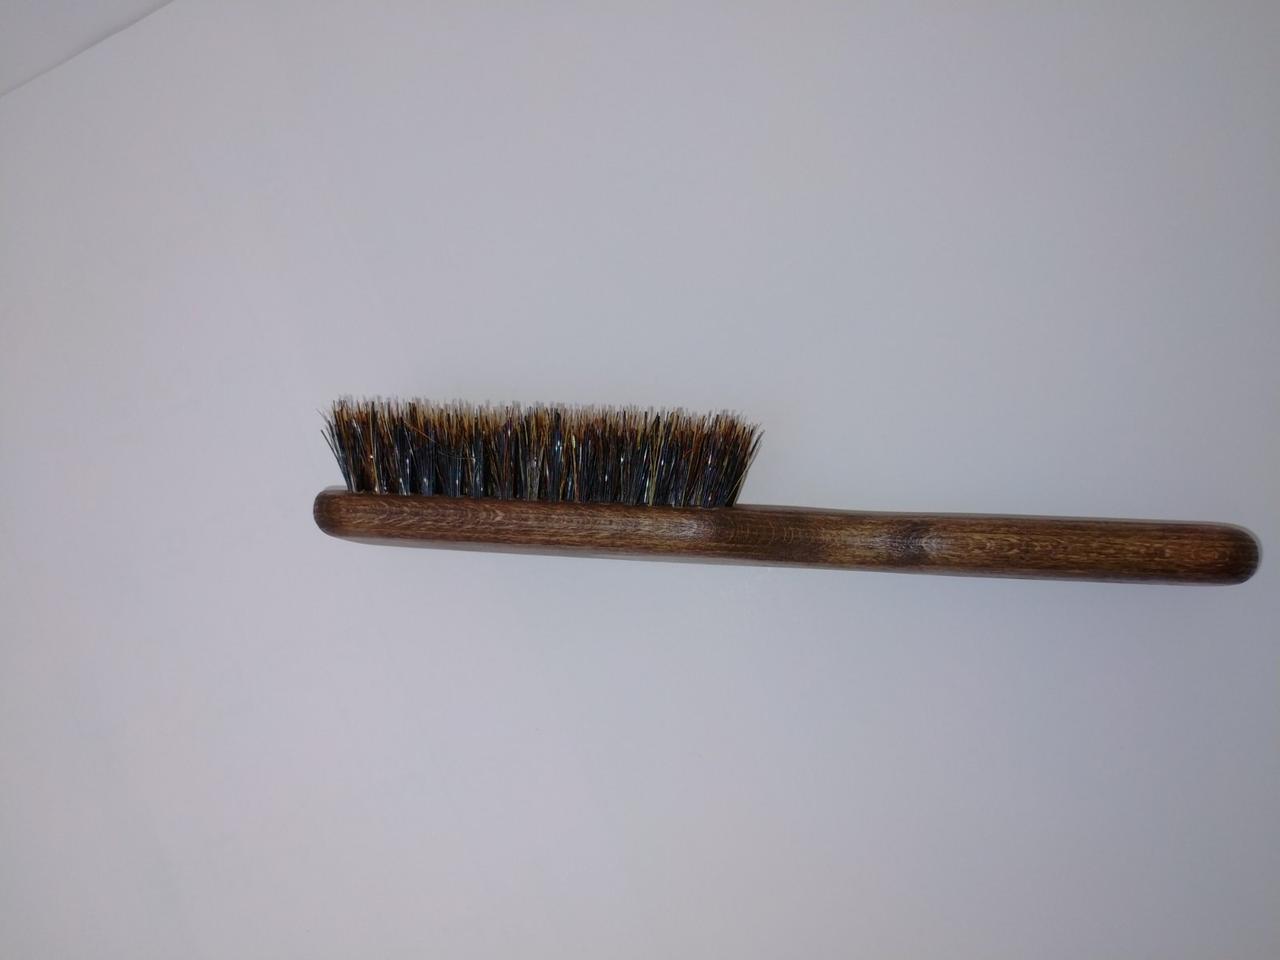 Щетка для волос и массажа головы из натуральной щетины кабана